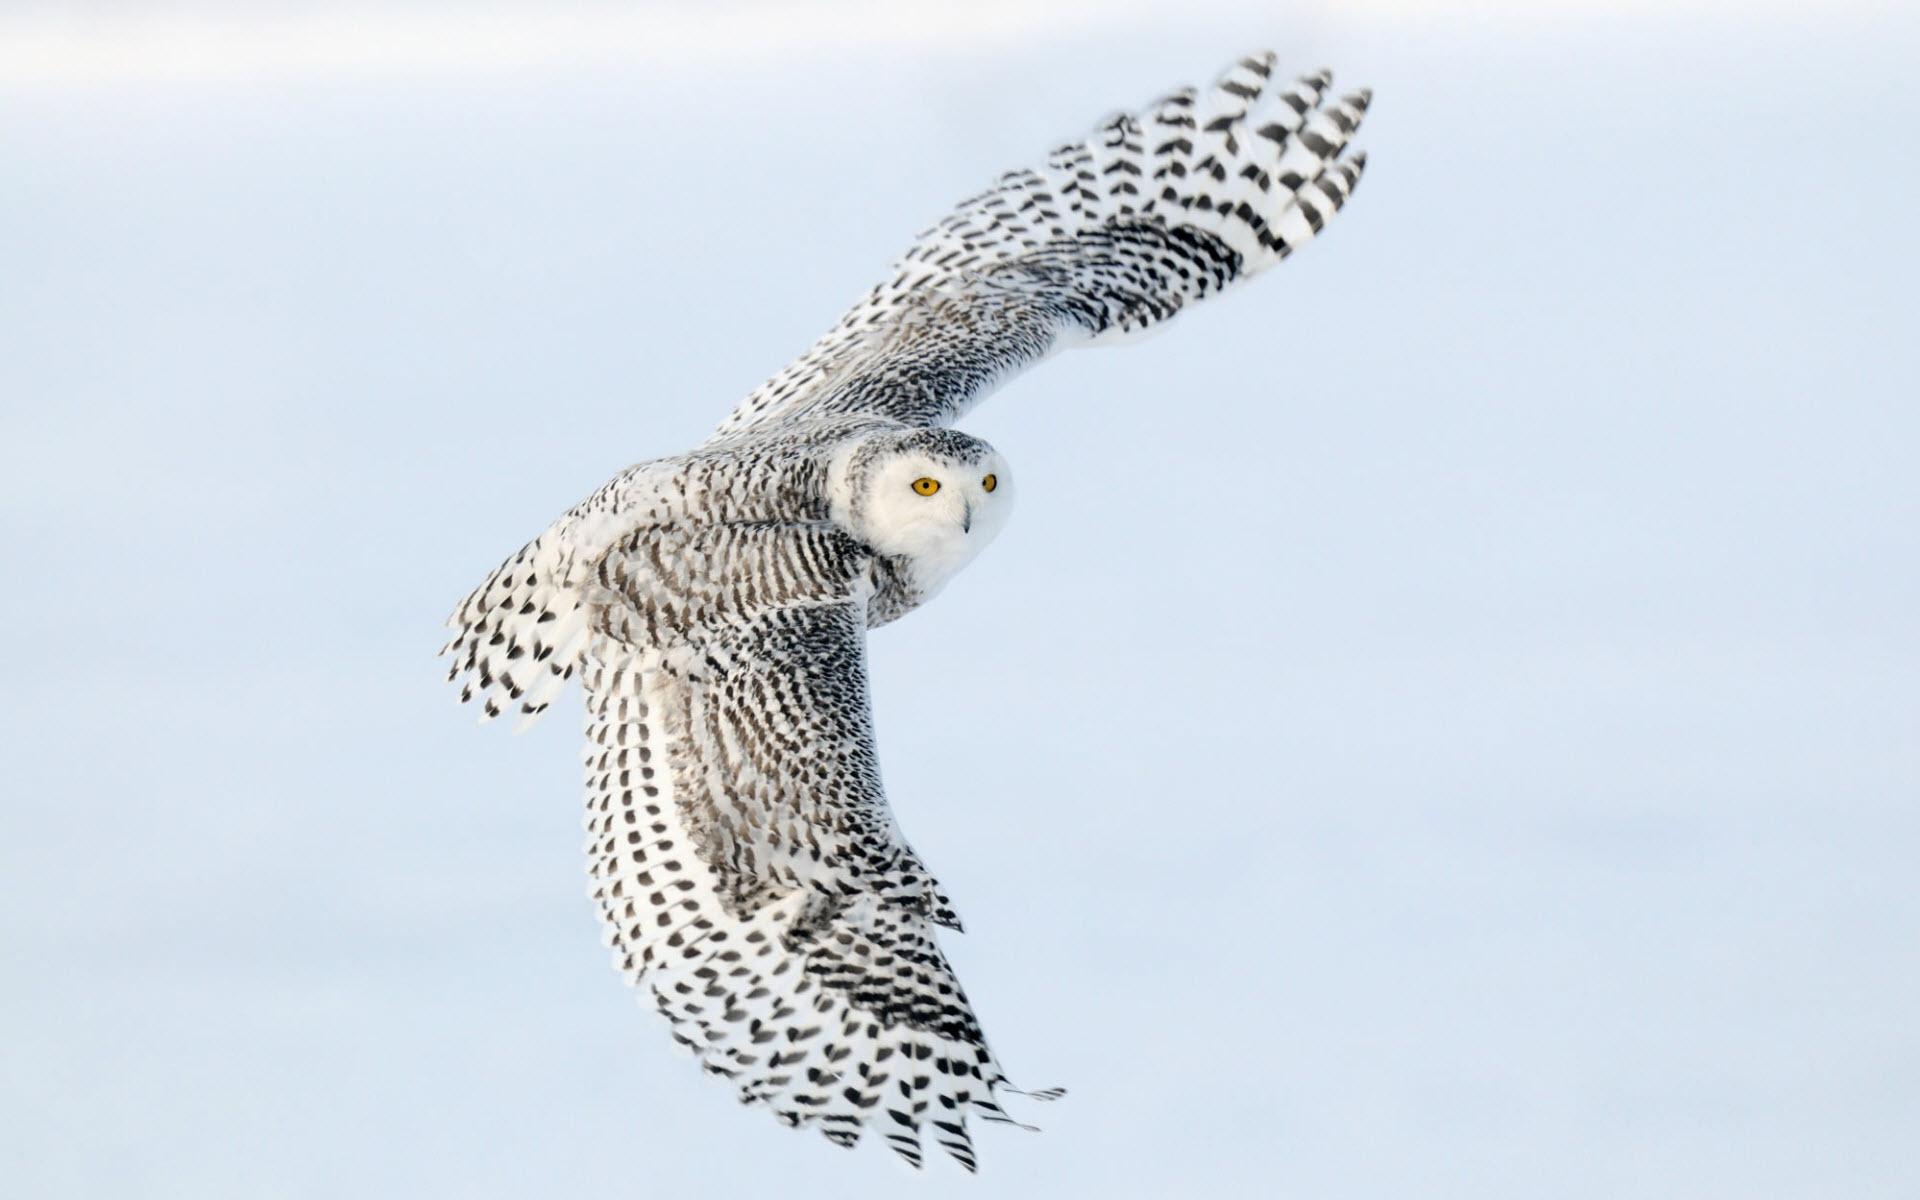 snowy_owl_2-wide.jpg